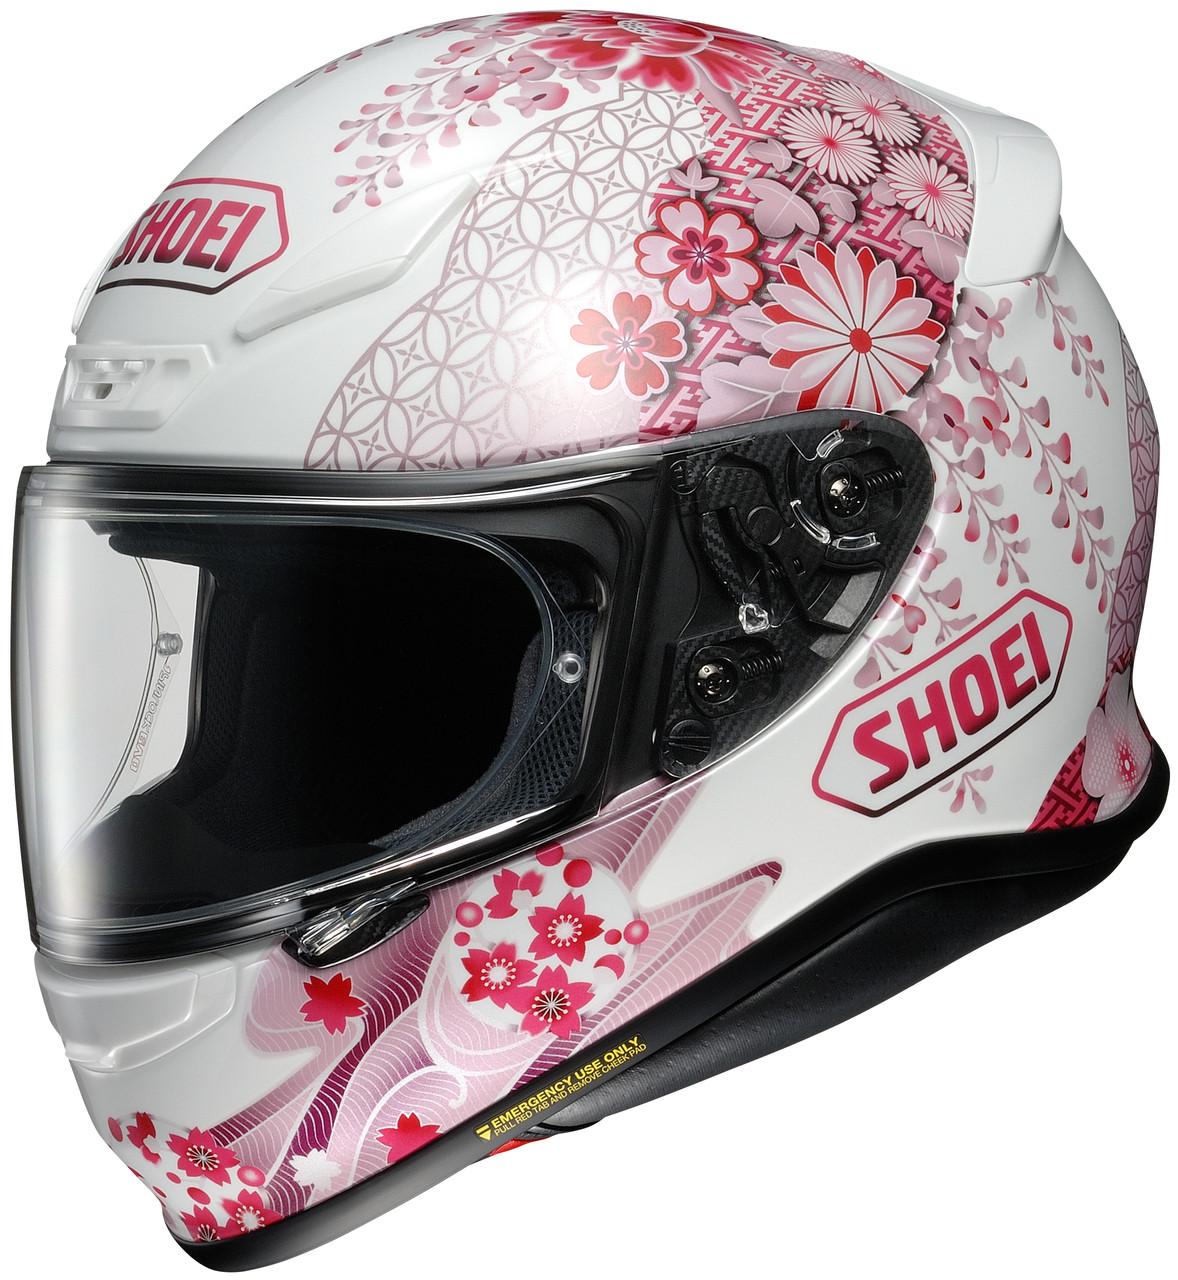 Shoei Rf 1200 Harmonic Full Face Helmet For Women S